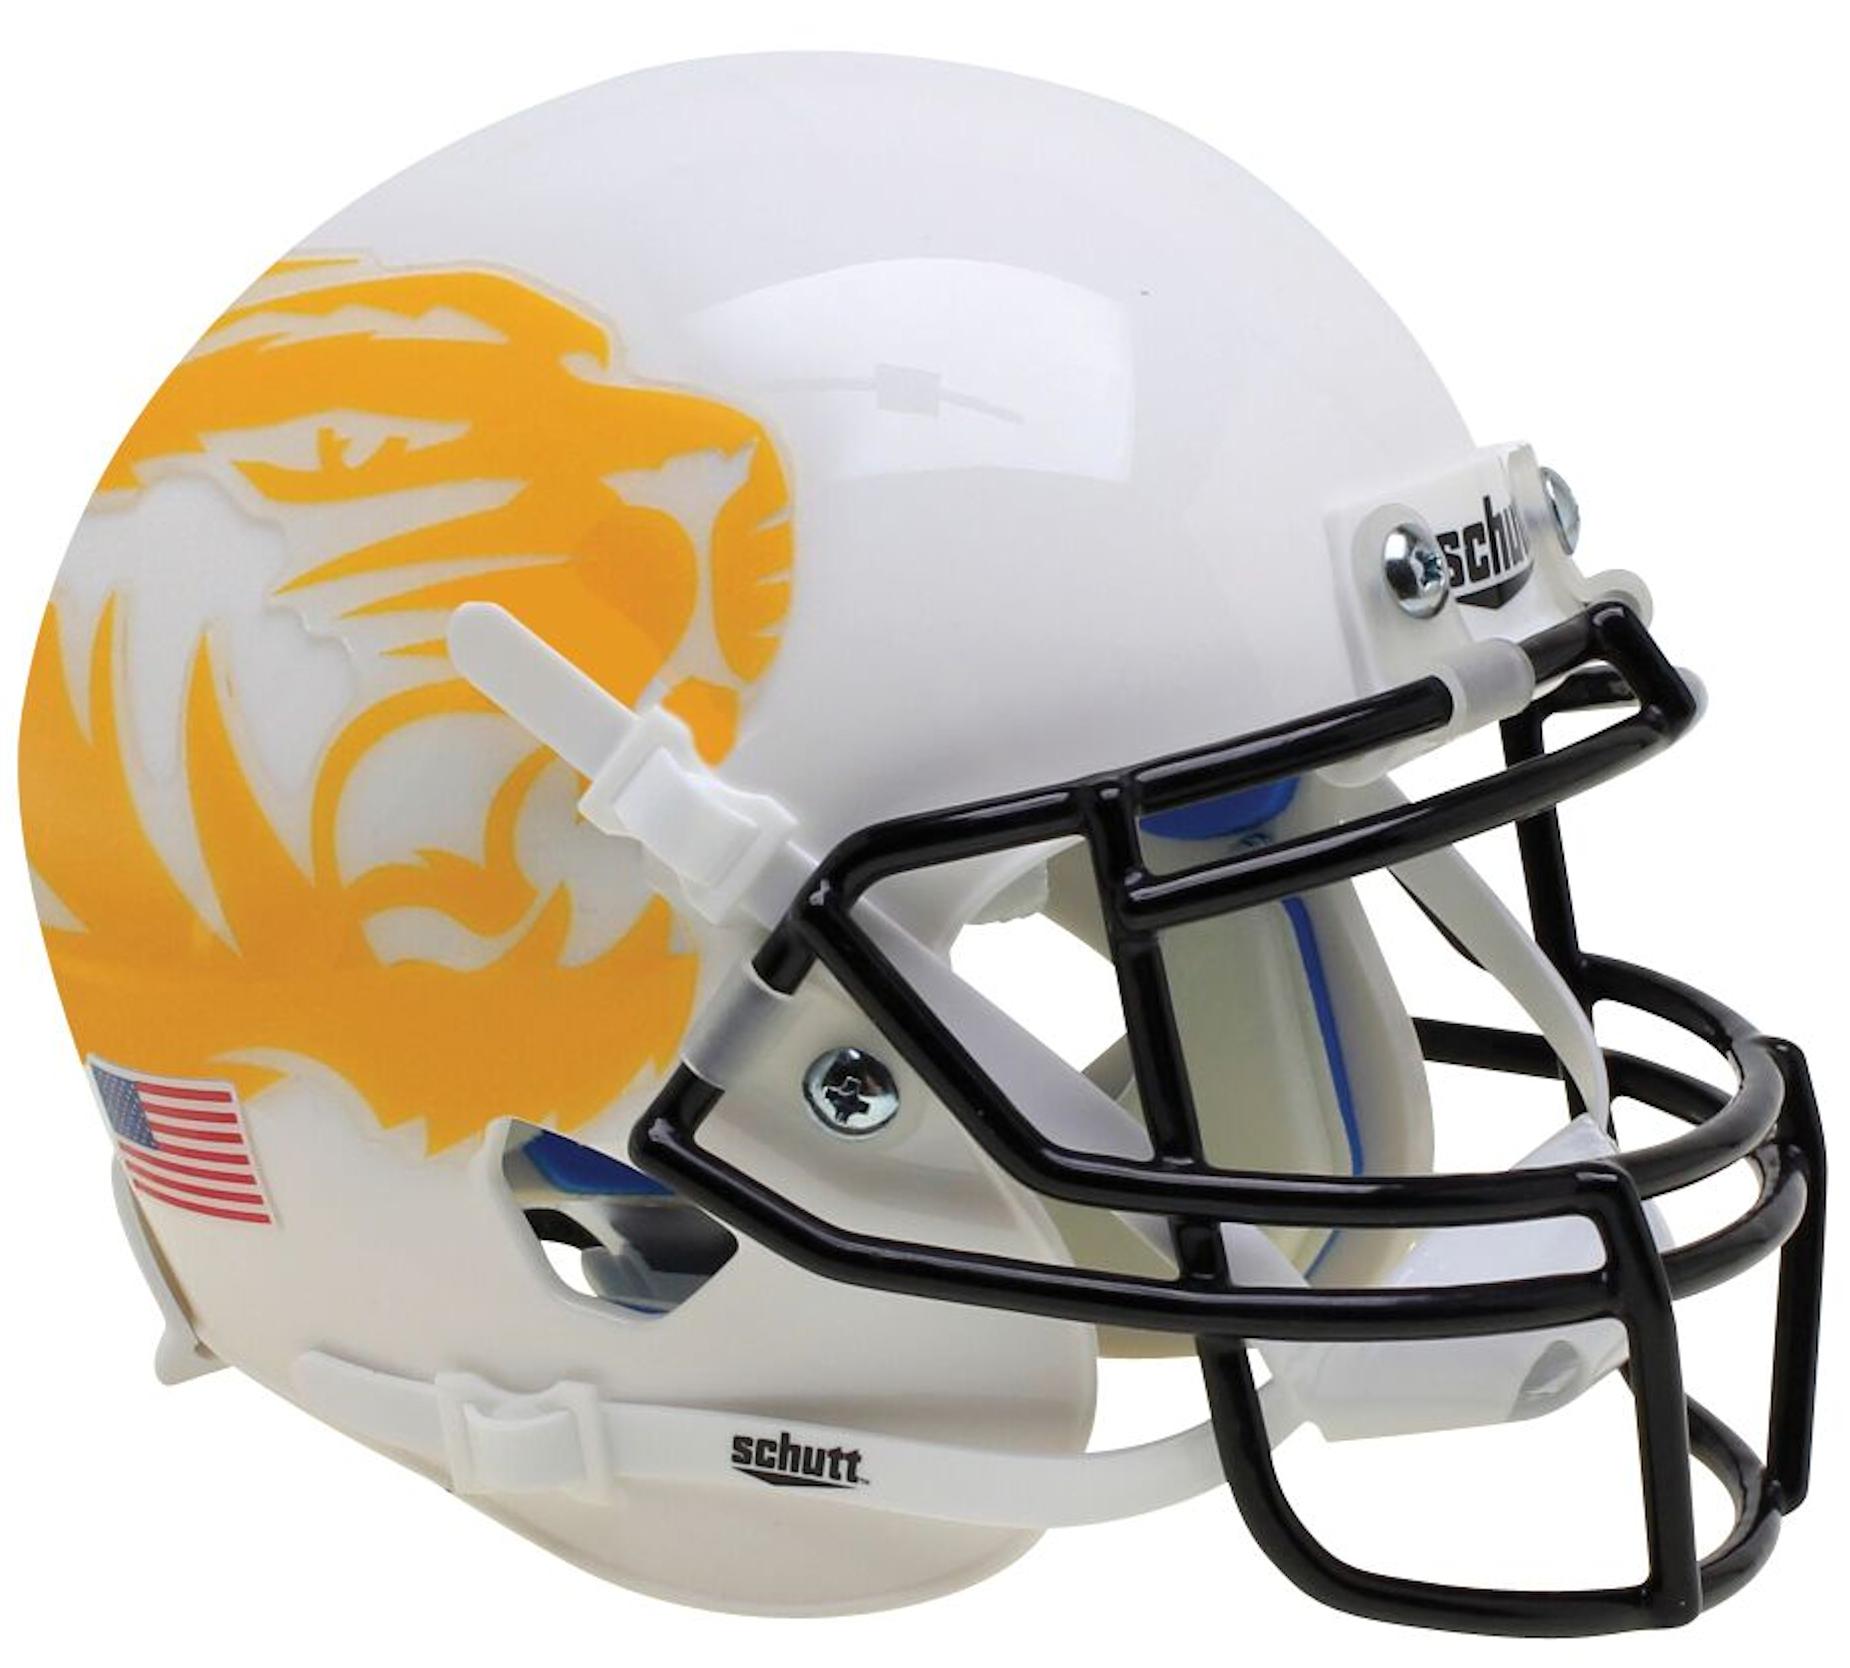 Missouri Tigers Full XP Replica Football Helmet Schutt <B>White Yellow Tiger</B>